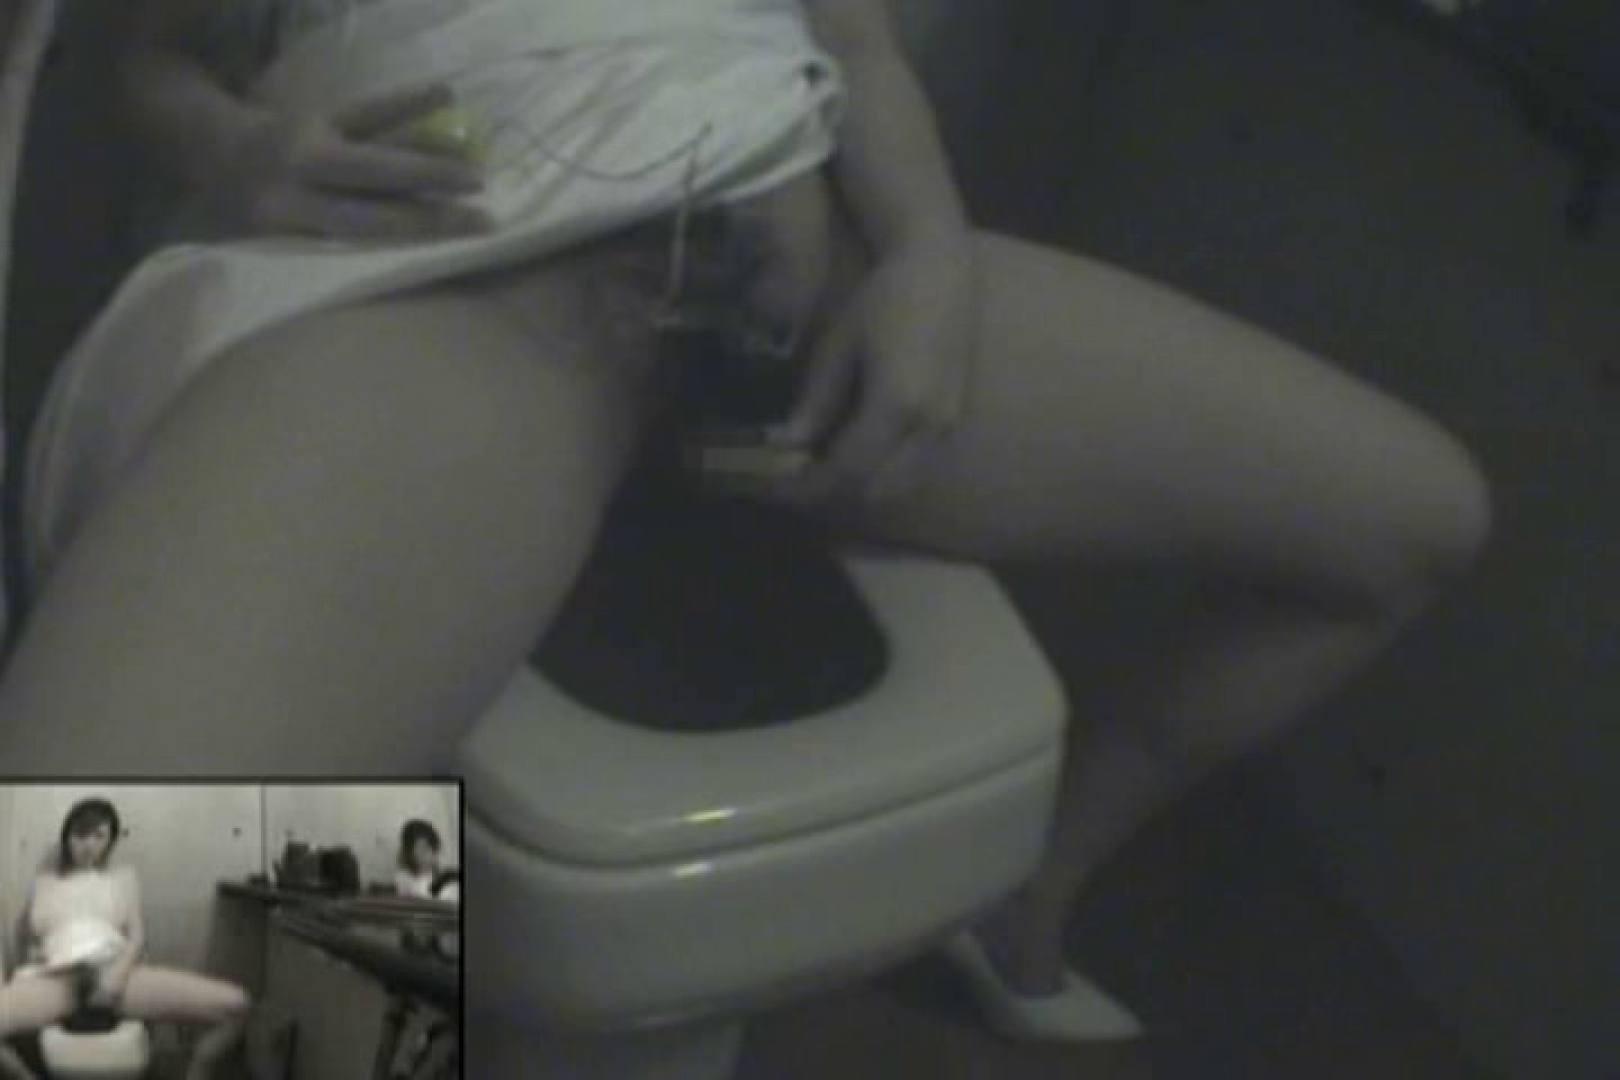 キャバ嬢は仕事の合間でもオナニーします!!Vol.8 洗面所 のぞき濡れ場動画紹介 59pic 33